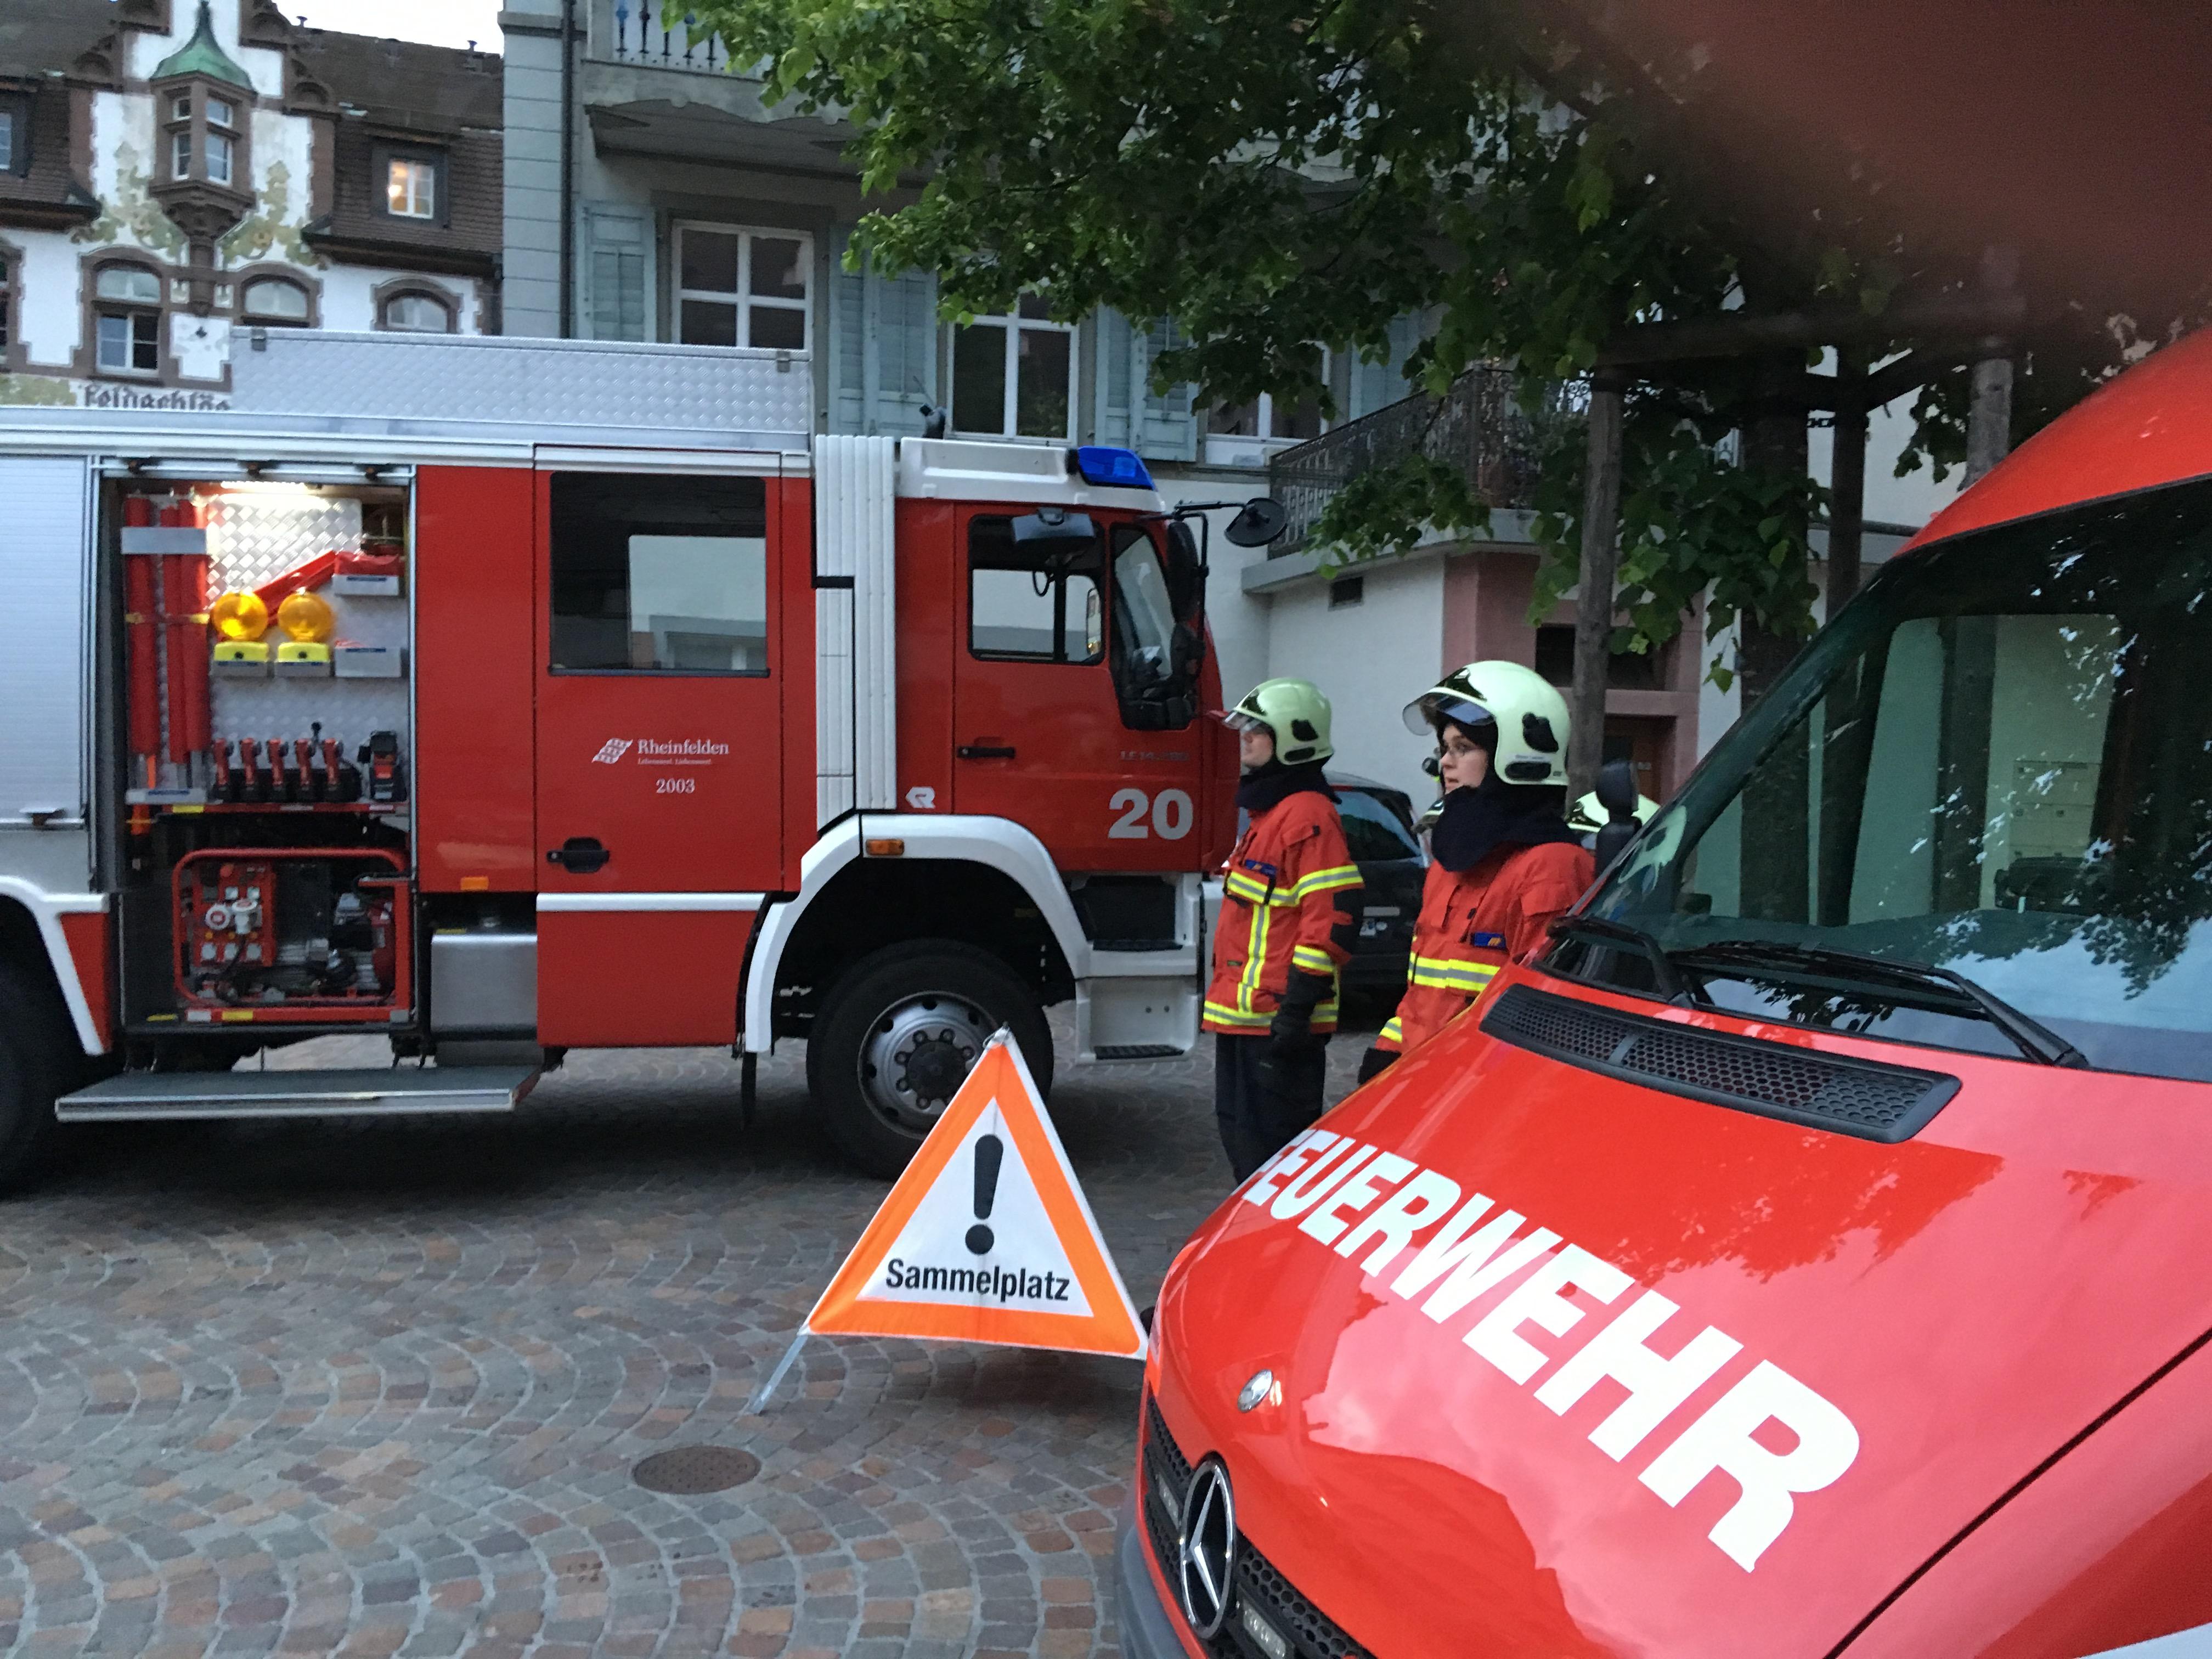 Detailausbildung zum Thema Rettungsdienst und Brandbekämpfung – zweiter Teil